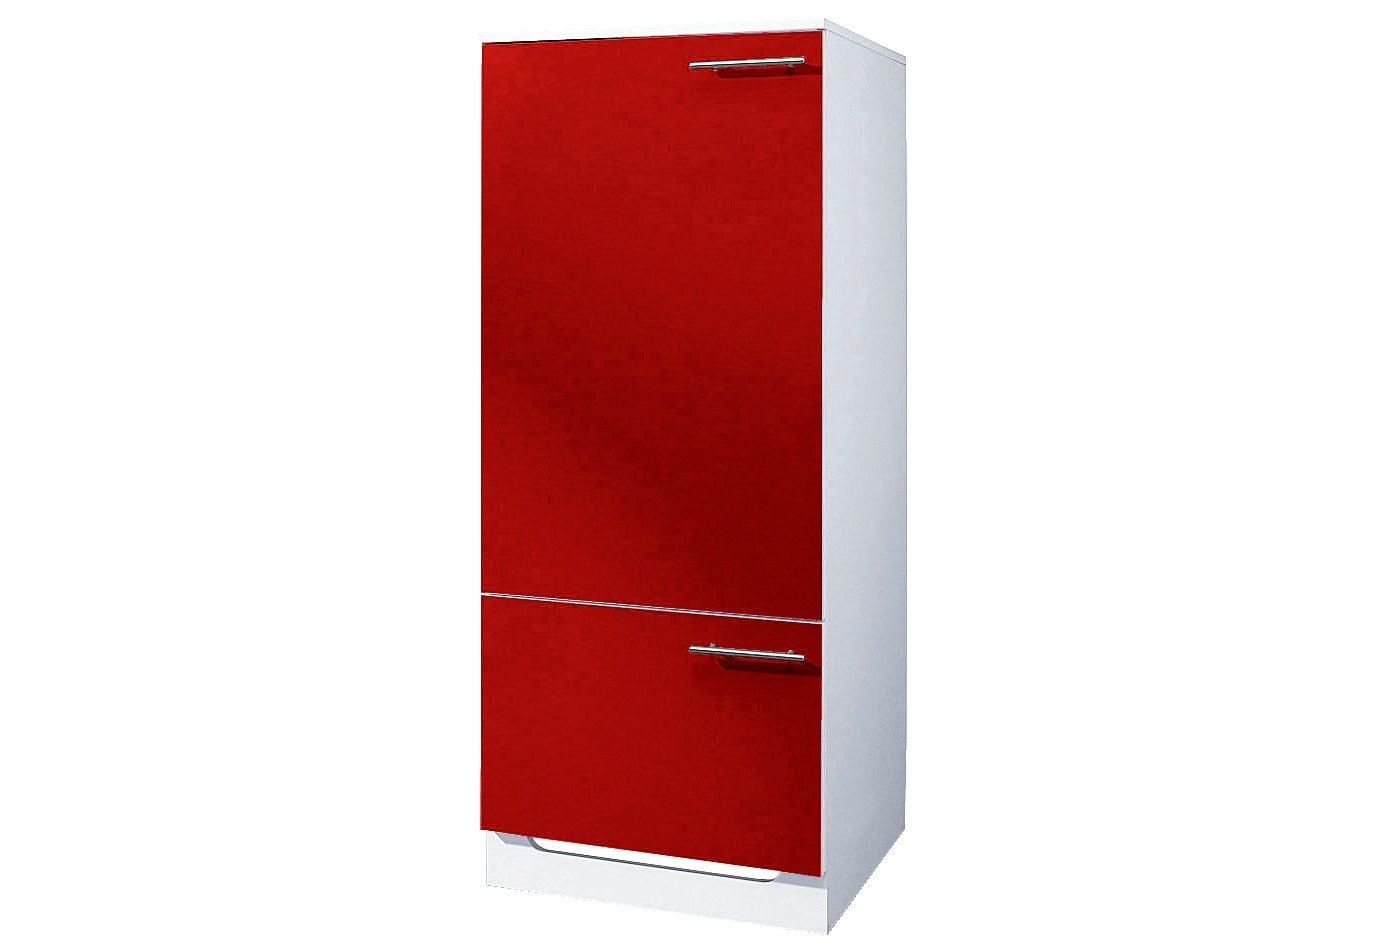 Kühlschrankumbauschrank : Kühlschrankumbauschrank online kaufen otto